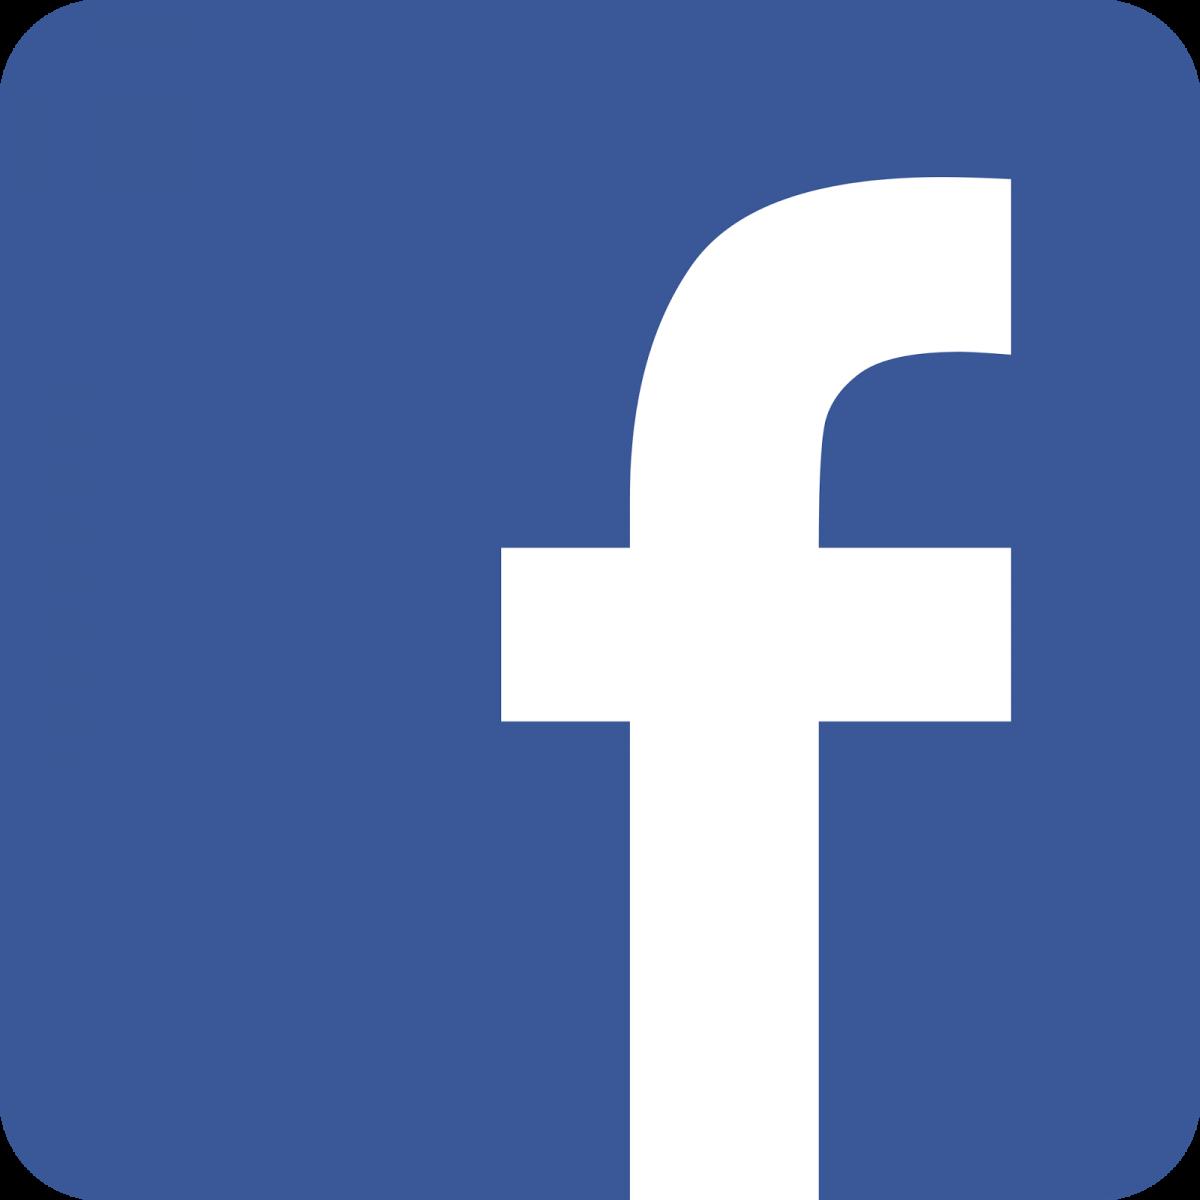 facebook-logo-png-transparent-background-1200x1200